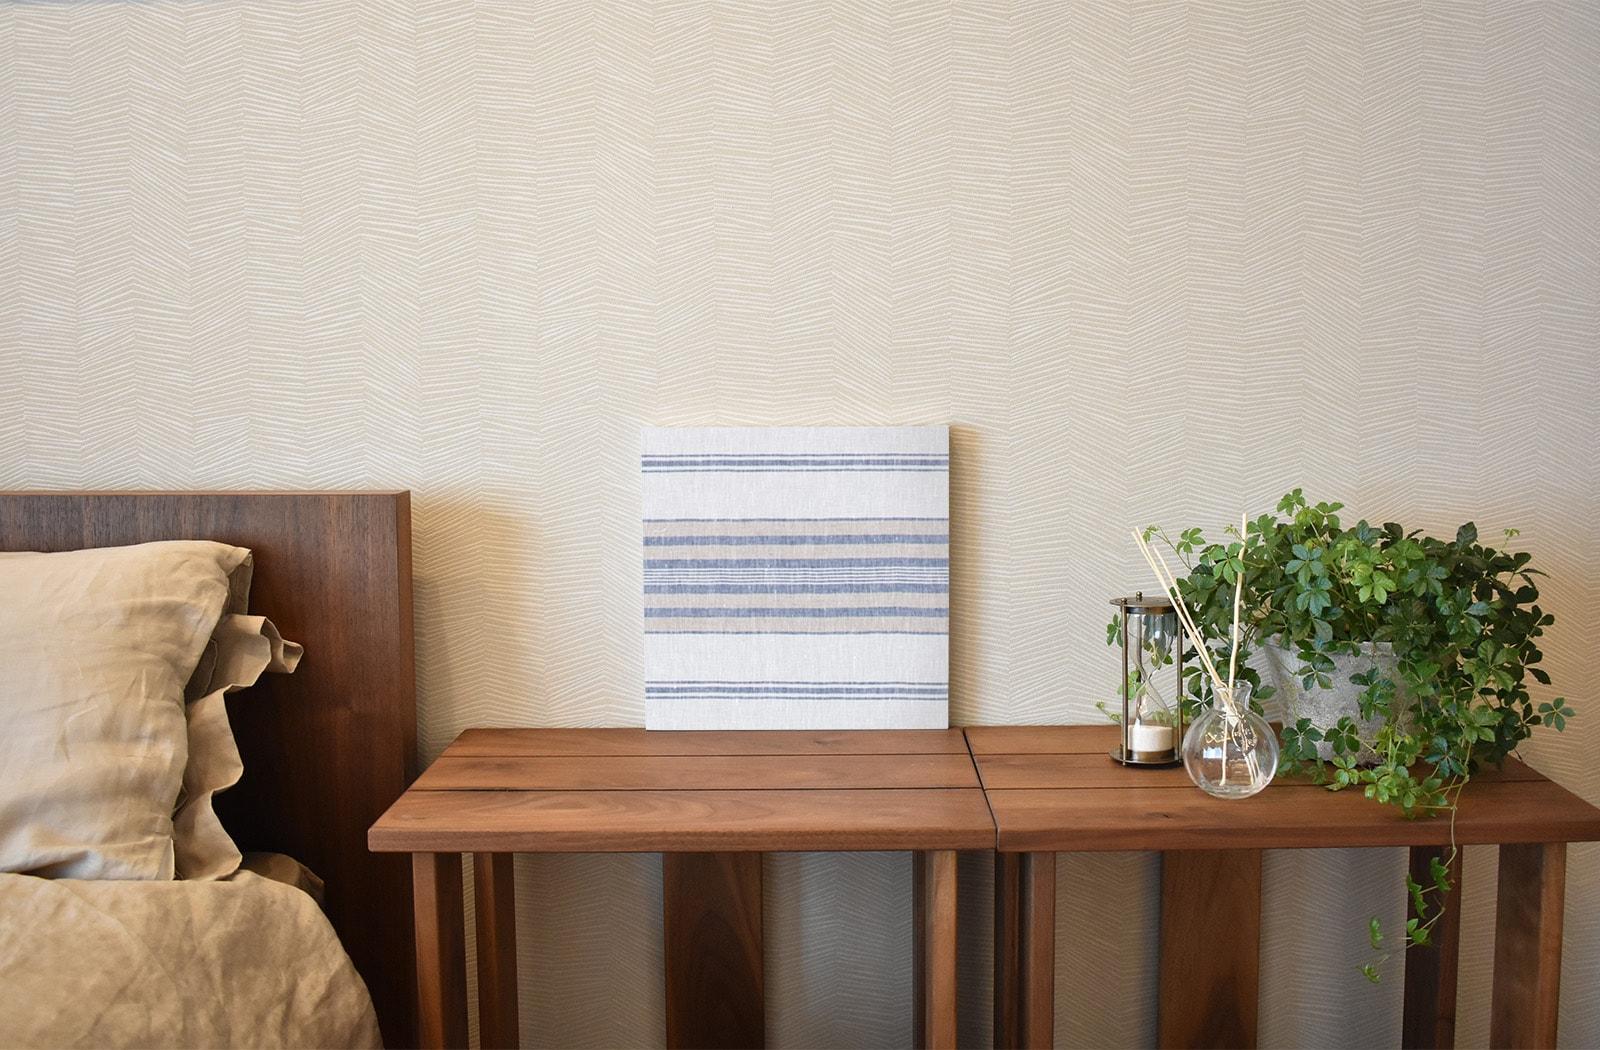 爽やかな 西海岸インテリア でリラックス感あふれるお部屋作り 公式 オーダーカーテン通販 Wardrobe Sangetsu